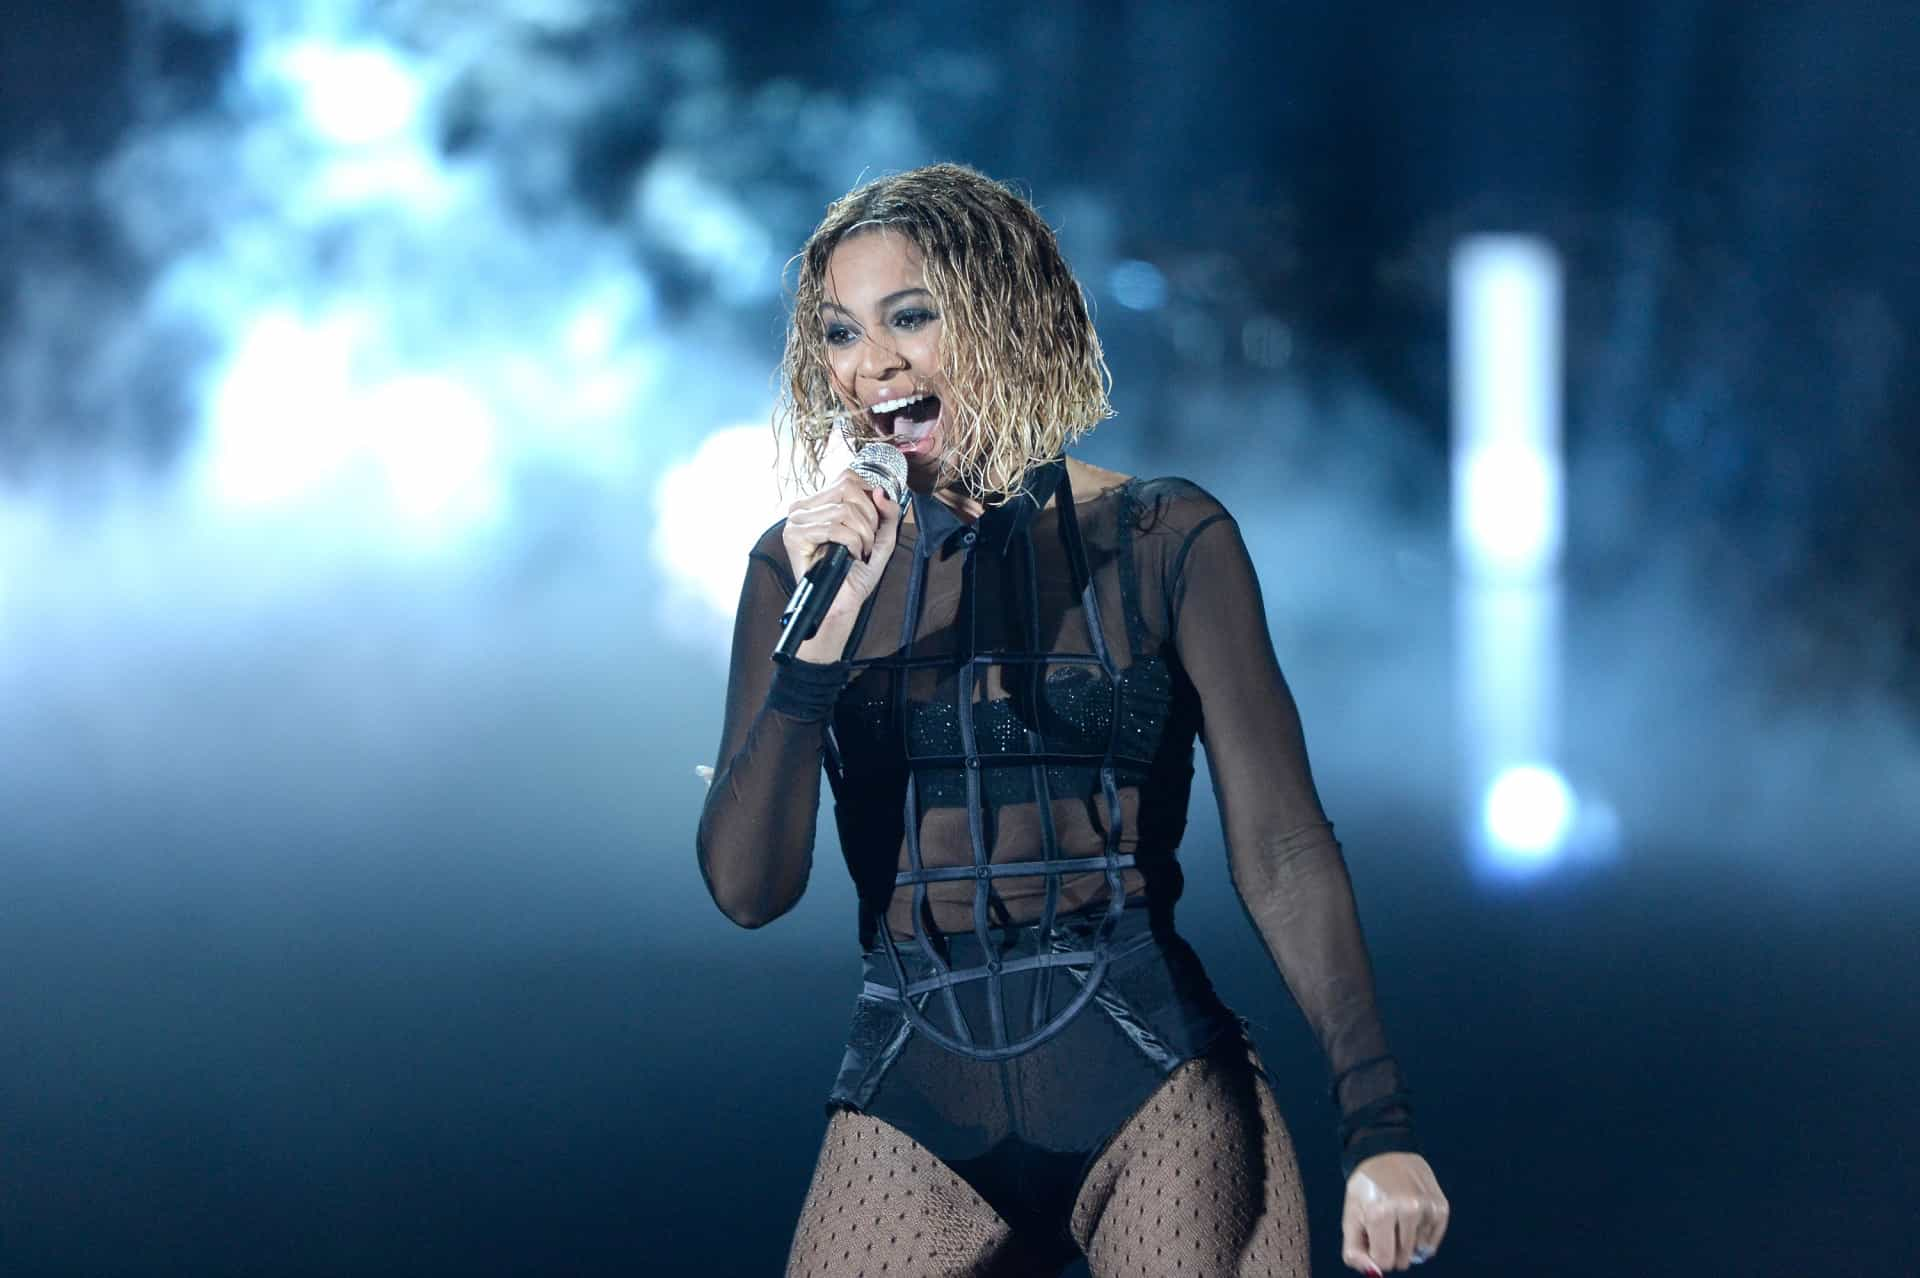 Fashion flashback: Beyoncé's evolving style